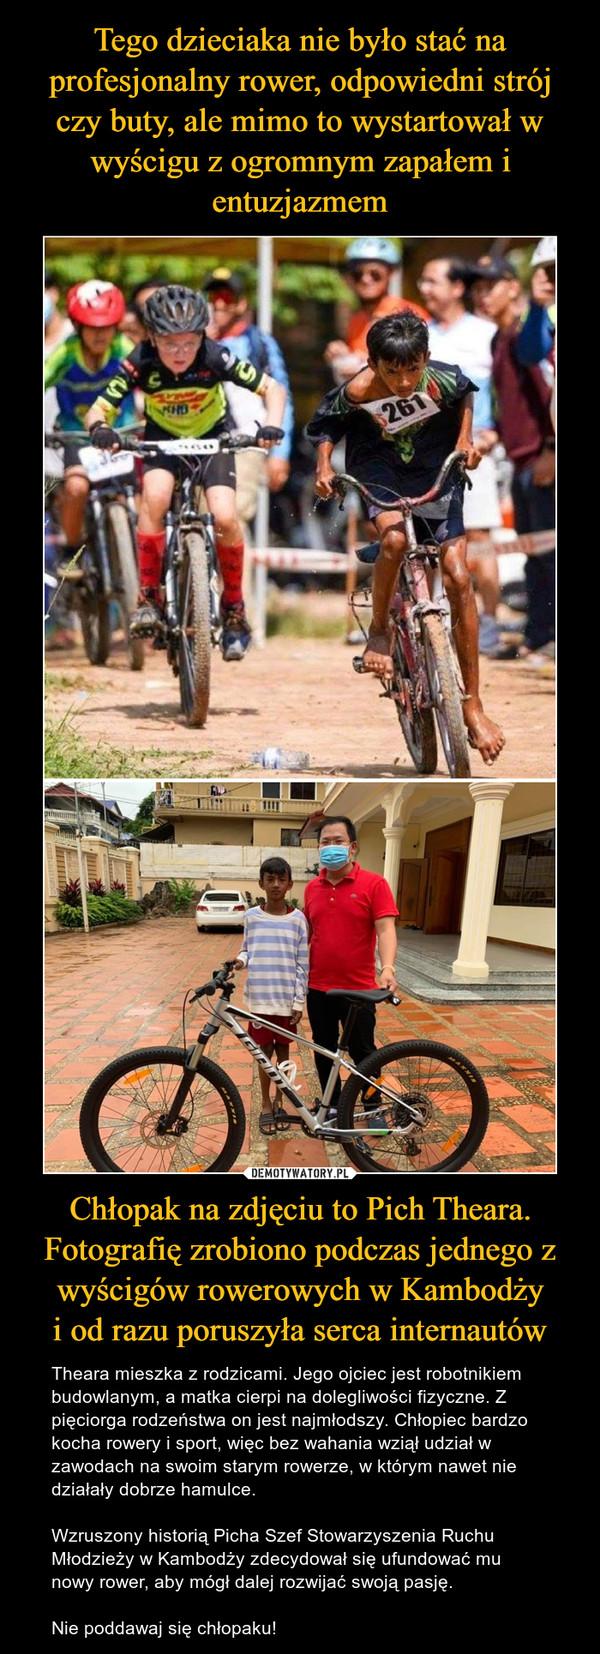 Chłopak na zdjęciu to Pich Theara. Fotografię zrobiono podczas jednego z wyścigów rowerowych w Kambodżyi od razu poruszyła serca internautów – Theara mieszka z rodzicami. Jego ojciec jest robotnikiem budowlanym, a matka cierpi na dolegliwości fizyczne. Z pięciorga rodzeństwa on jest najmłodszy. Chłopiec bardzo kocha rowery i sport, więc bez wahania wziął udział w zawodach na swoim starym rowerze, w którym nawet nie działały dobrze hamulce.Wzruszony historią Picha Szef Stowarzyszenia Ruchu Młodzieży w Kambodży zdecydował się ufundować mu nowy rower, aby mógł dalej rozwijać swoją pasję.Nie poddawaj się chłopaku!